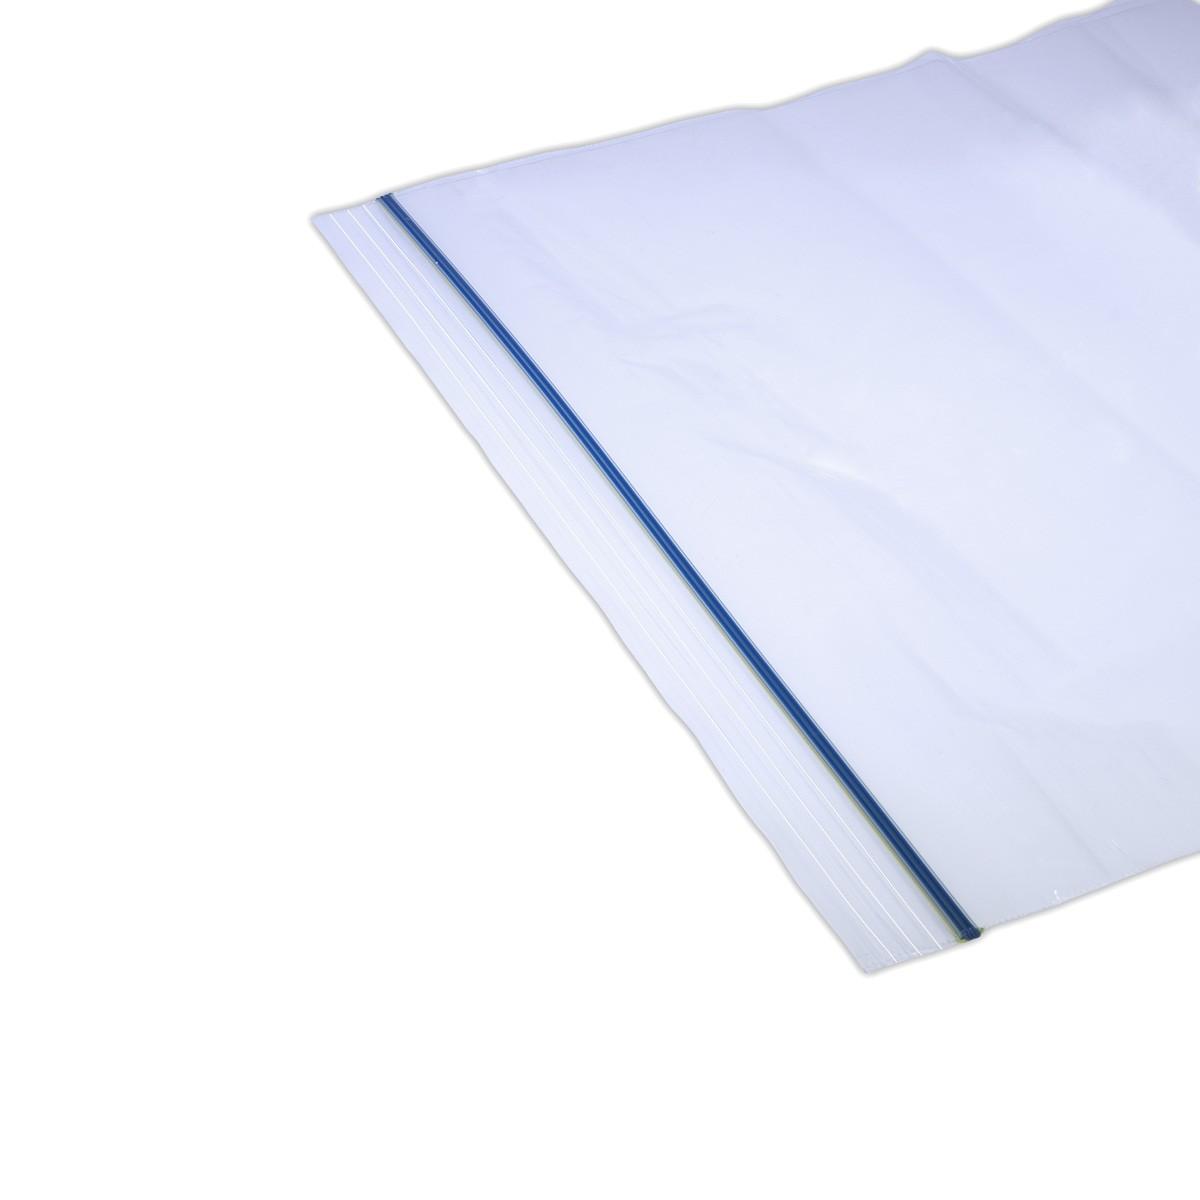 Biodegradable Zipper Bags 20x20cm | 250pcsx20pkts